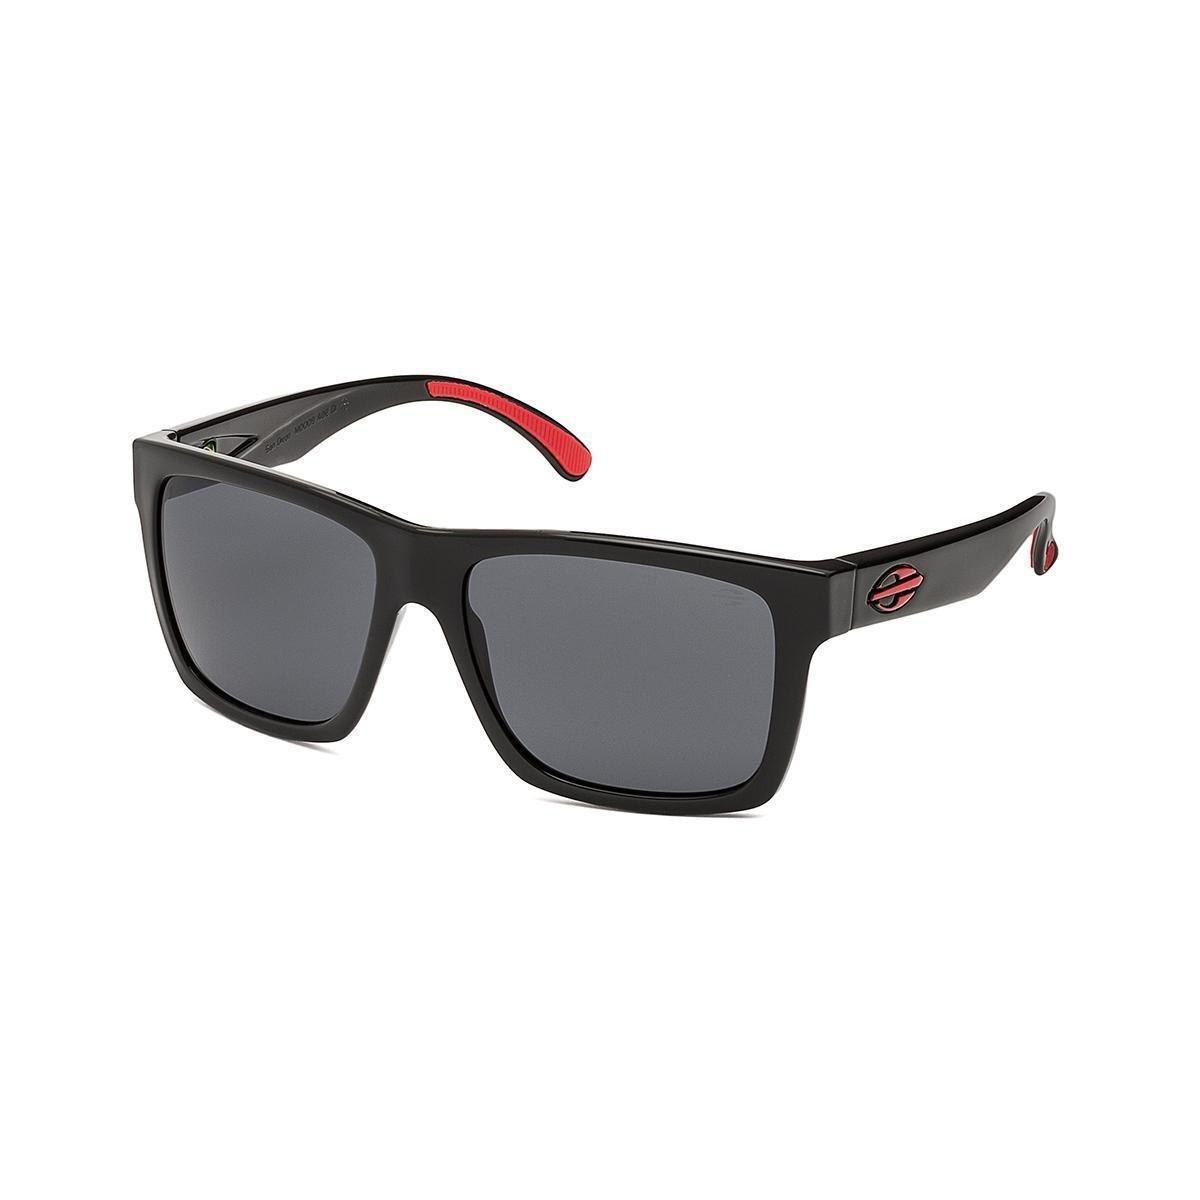 b2560bc0e26a8 Oculos Sol Mormaii San Diego - Preto e Vermelho - Compre Agora ...